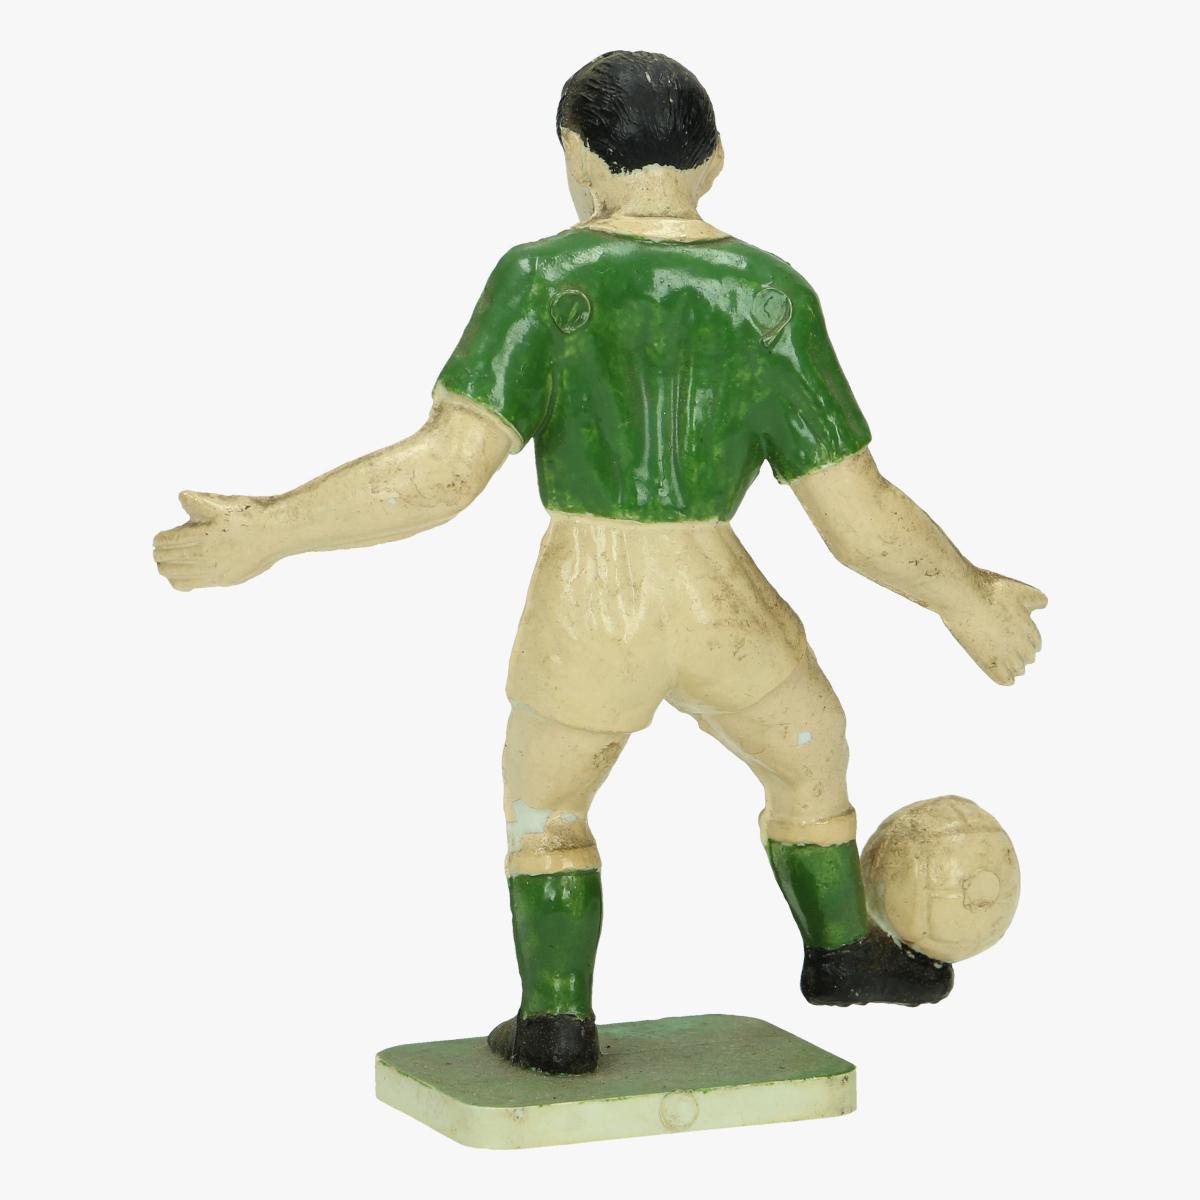 Afbeeldingen van kunstof beedje voetballer 9.5 cm groot